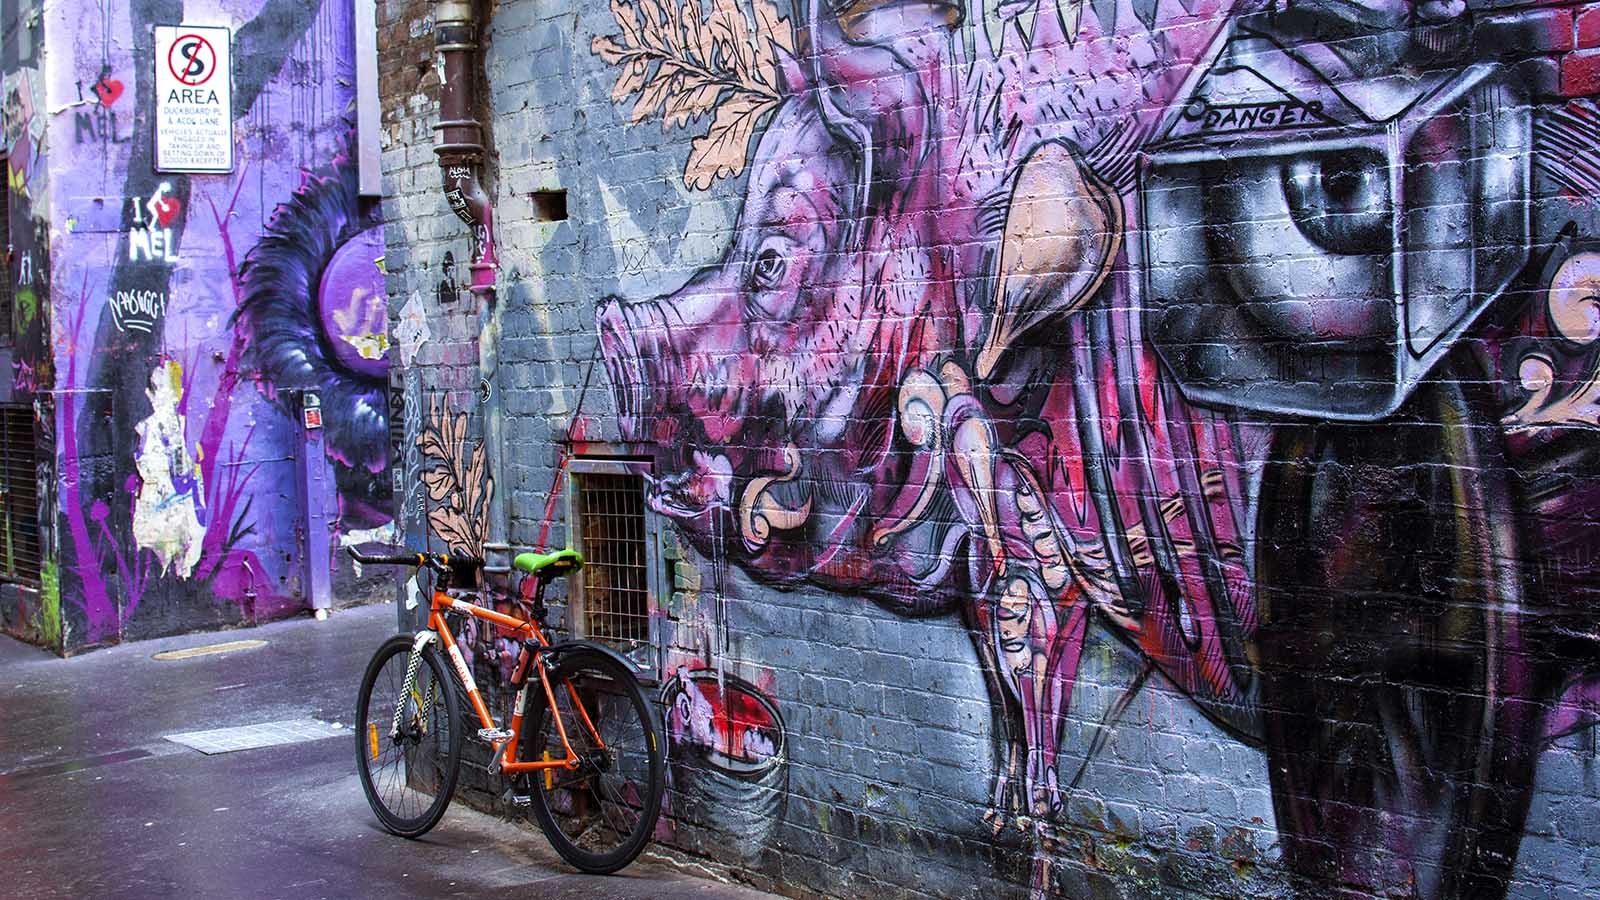 Duckboard Place, Melbourne, Victoria, Australia